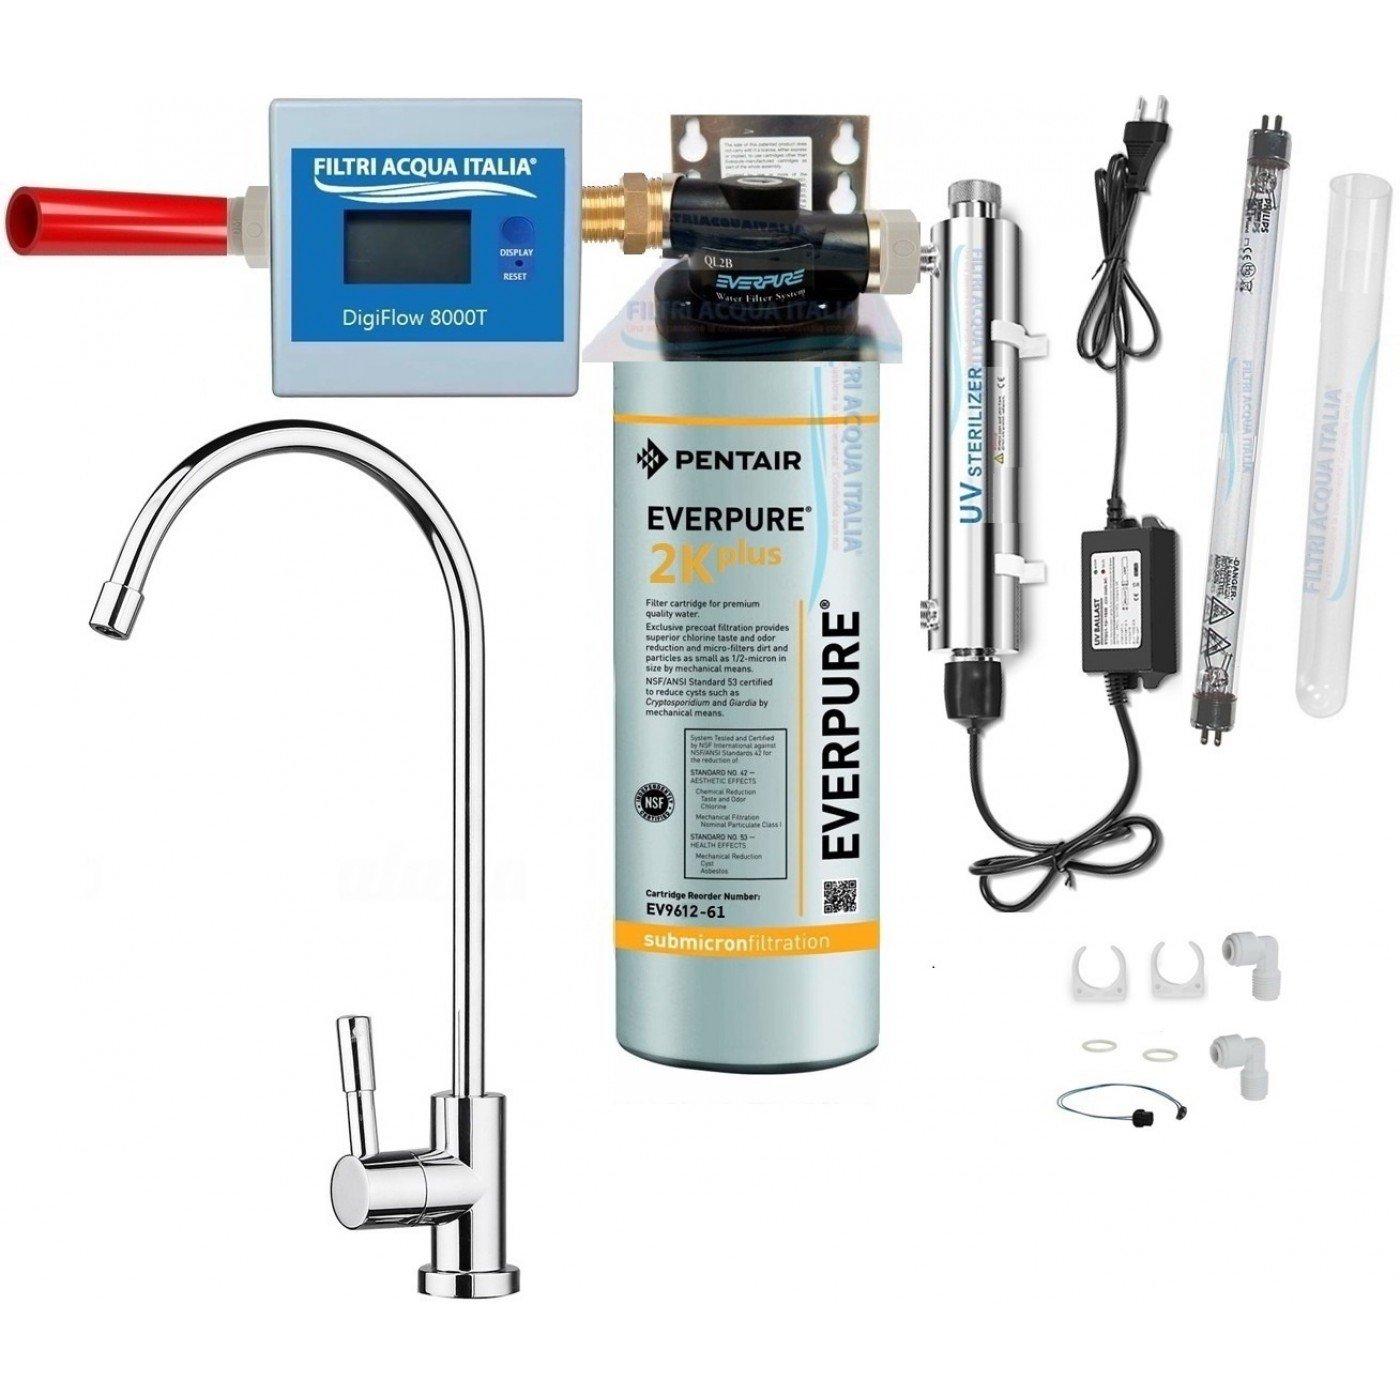 Kit Everpure 2K PLUS con Sterilizzatore UV Contalitri Testa QL2B Rubinetto